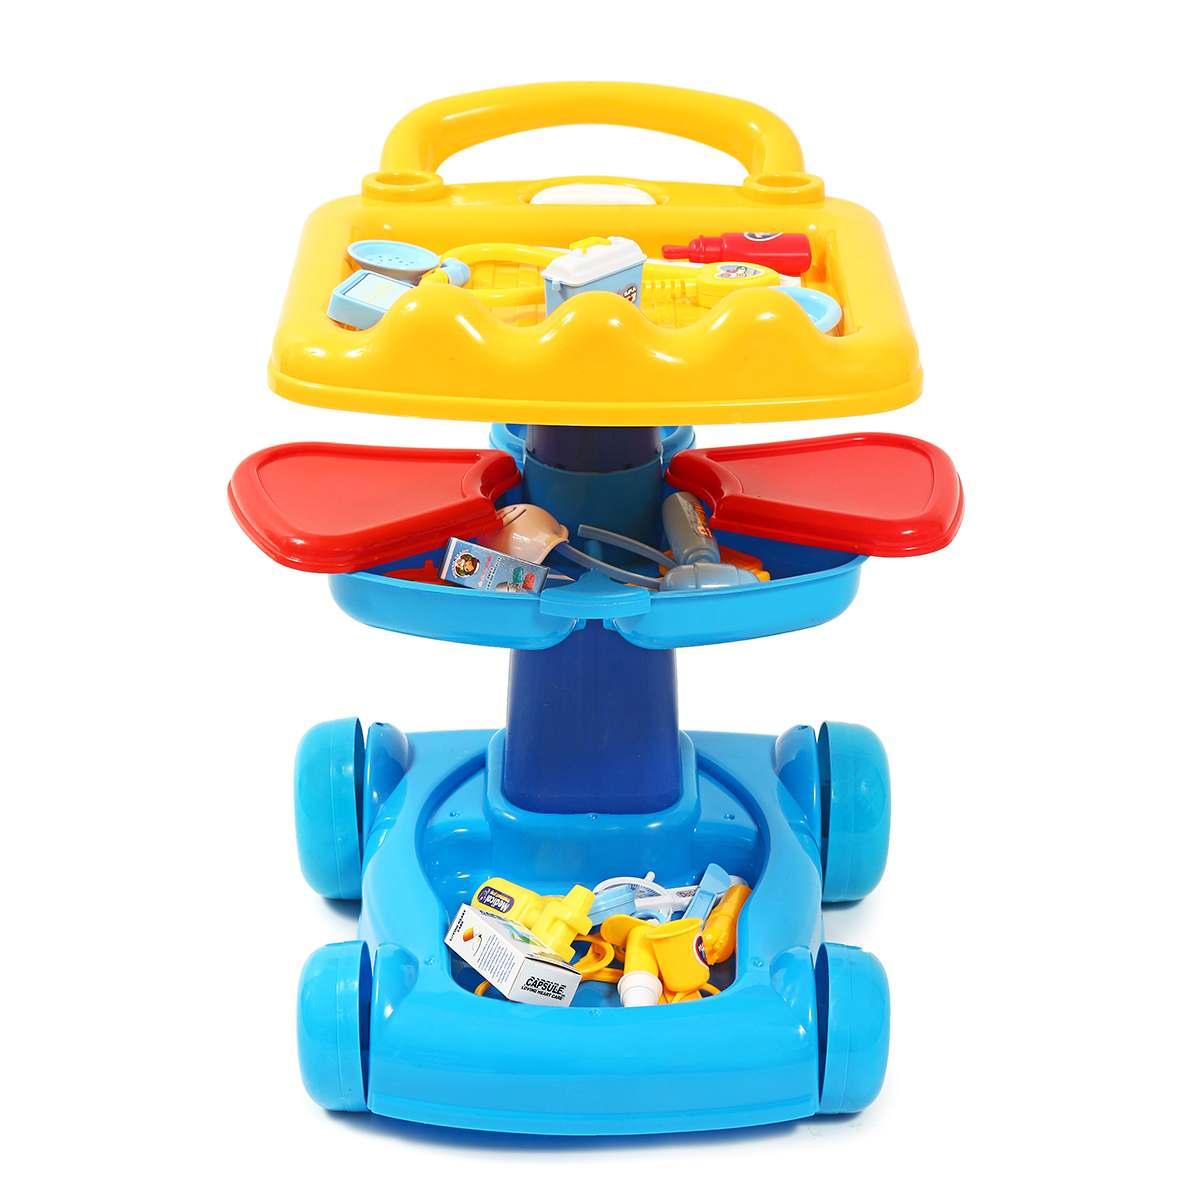 Faire semblant de jouer chariot jouets enfants éducatifs semblant jouer docteur jouets hôpital Vocation jeu de rôle ensemble infirmière jouets médicaux Kit